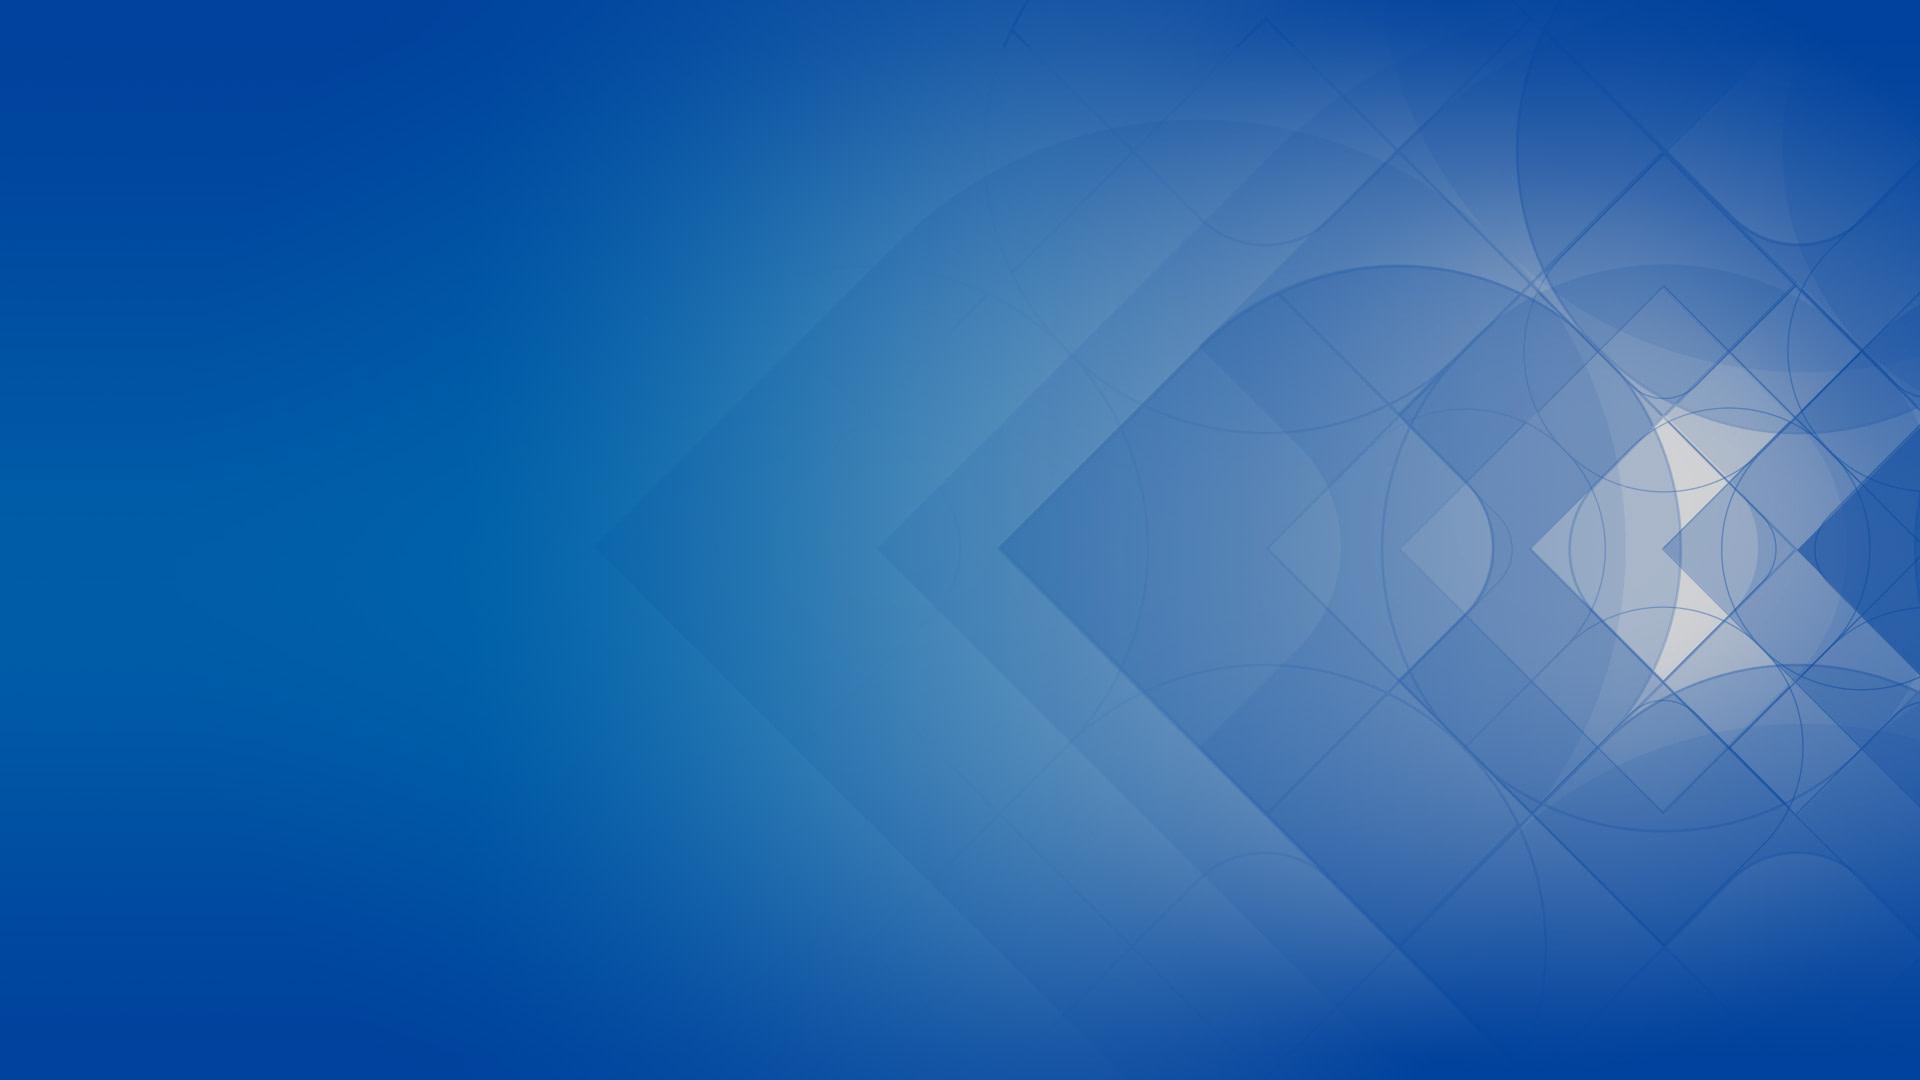 پکیج آموزش طراحی و راهاندازی فروشگاه آنلاین با ووکامرس (صفر تا صد)